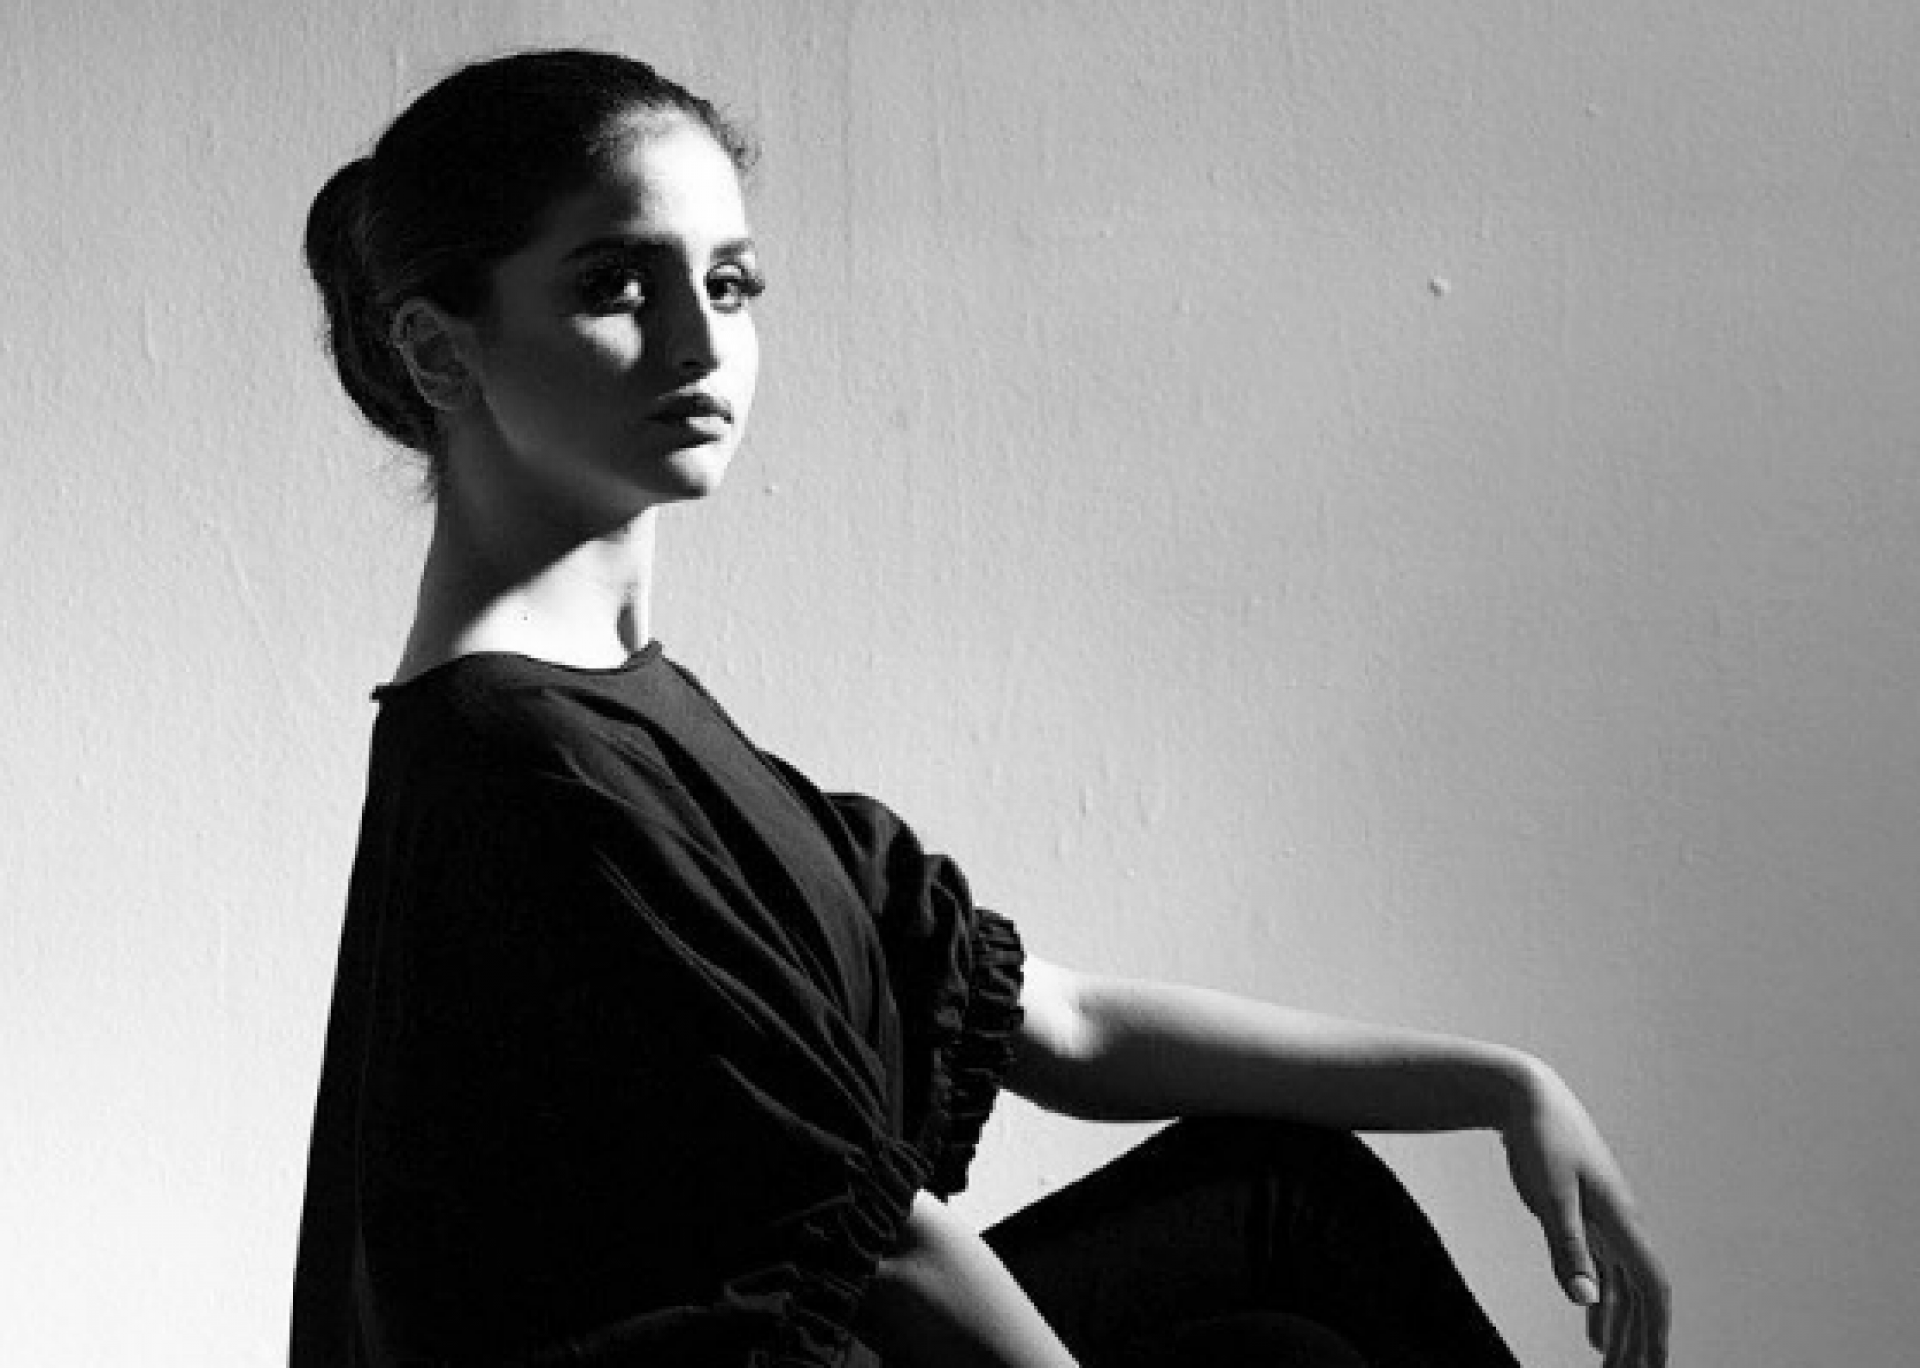 بالصور - ماذا قالت حلا الترك ووالدتها لأحلام؟!   Laha Magazine